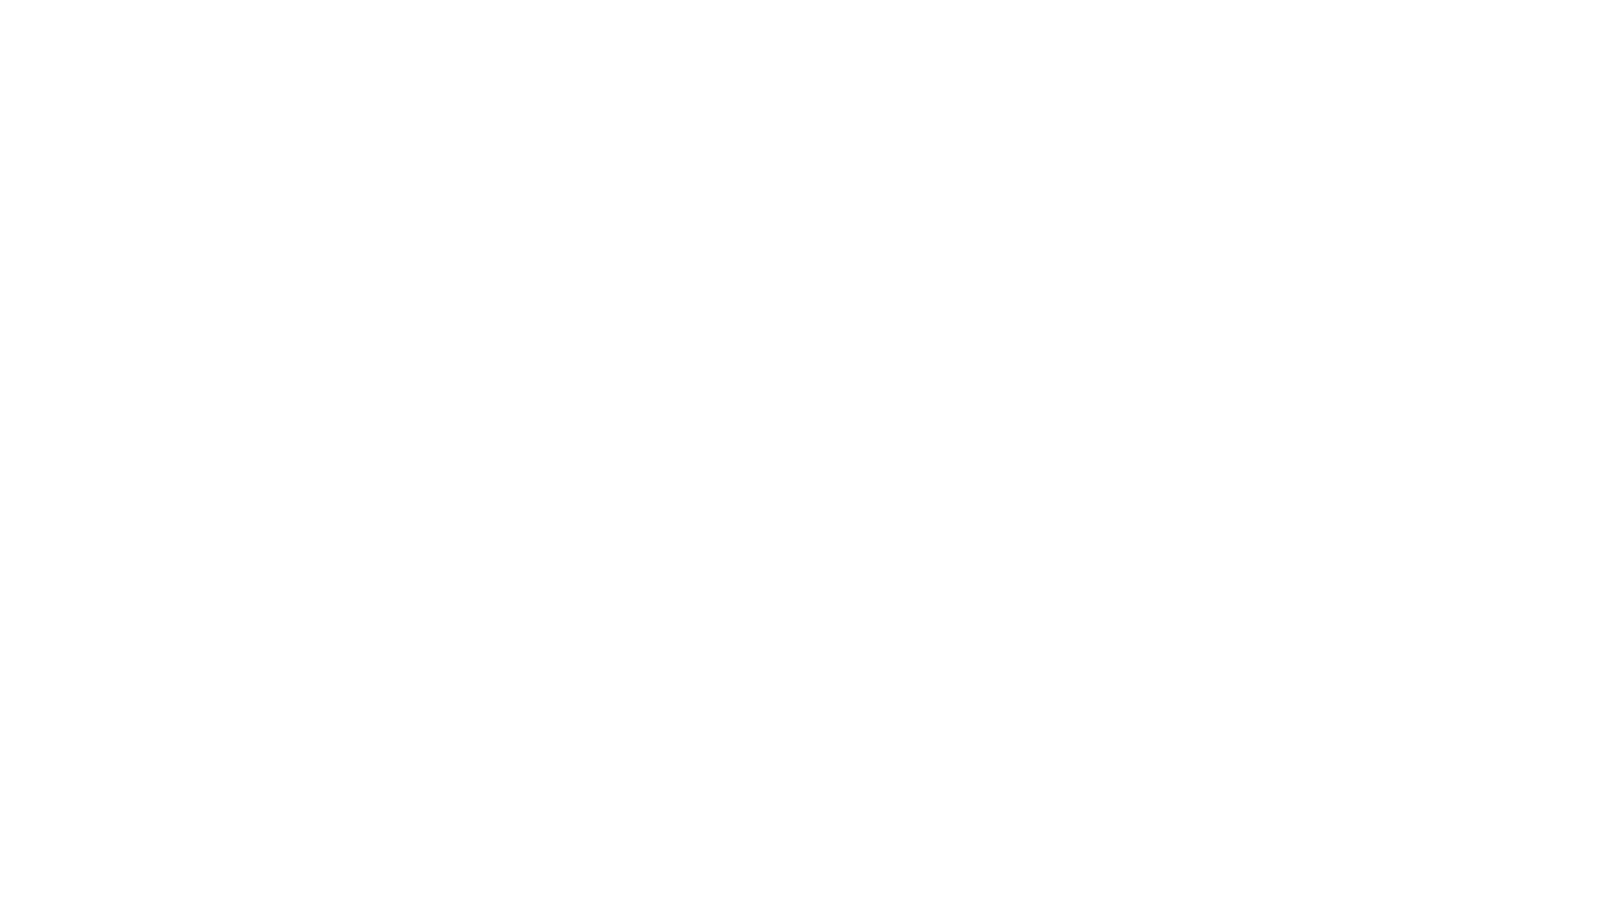 #salmonline #clubhouse #latewineshowHerzlich Willkommen zu Staffel 3 Folge 14Die Generation der Online Weinprobe.Seit März 2020 gehen wir jeden Freitag um 20:30 Uhr live und probieren und besprechen verschiedene Weine und Themen.www.prinzsalm.deEssen und Wein das ist die Königsdisziplin.Deshalb und um unsere Freunde aus der Gastronomie zu unterstützen machen wir jetzt auch viele online Wine & Food Events - ihr kriegt also nicht nur die Weine sondern auch ein passendes Menu zugeschickt.Wir freuen uns auf euch!Felix und Victoria Prinz und Prinzessin zu Salm-Salm vom Weingut Prinz Salmwww.prinzsalm.de